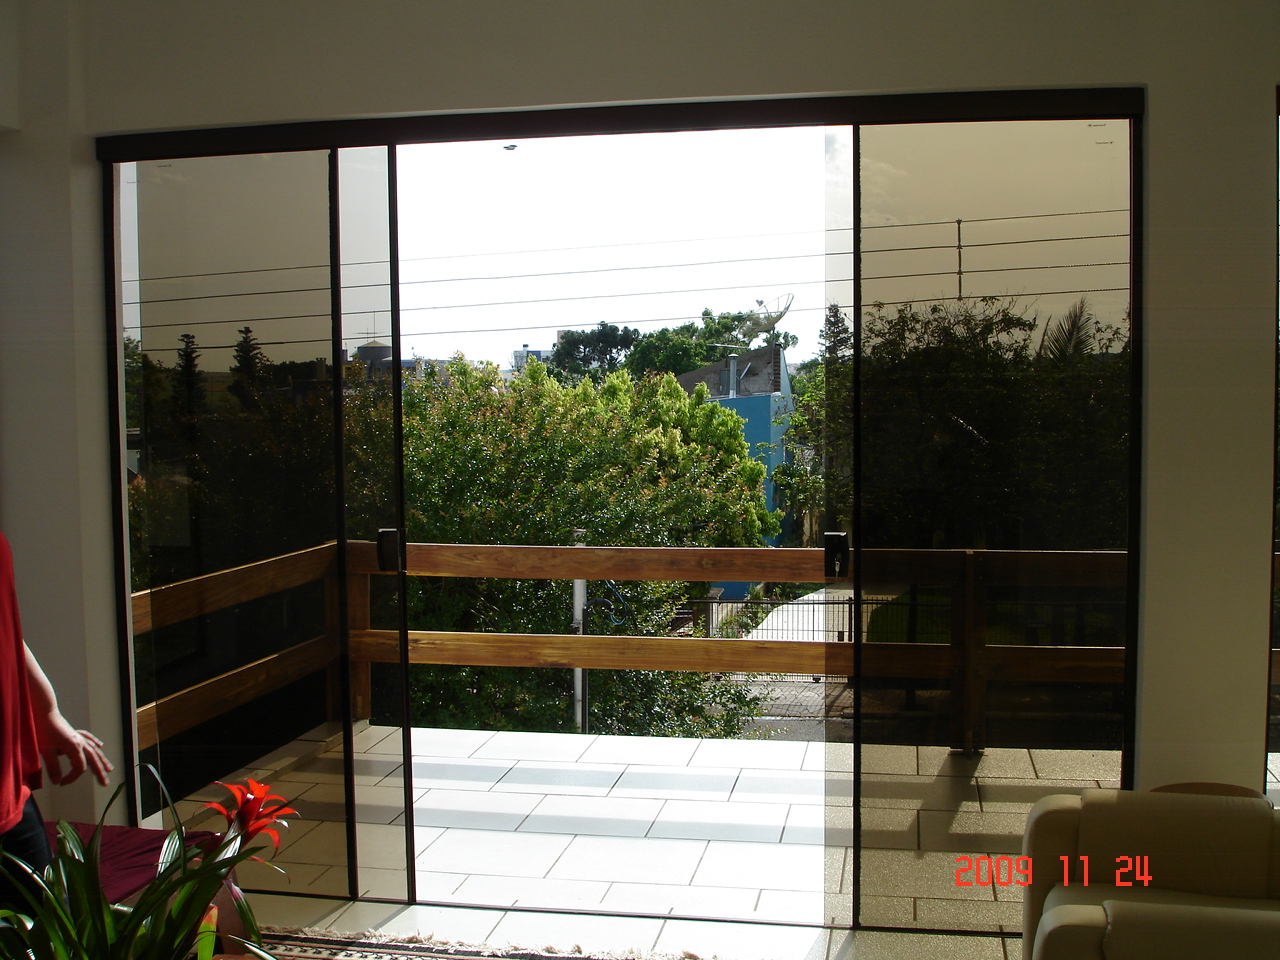 #AD2D1E VIDROMAX Ibirubá RS: Aberturas de vidro temperado bronze 10mm 38 Janelas De Vidro Cor Bronze